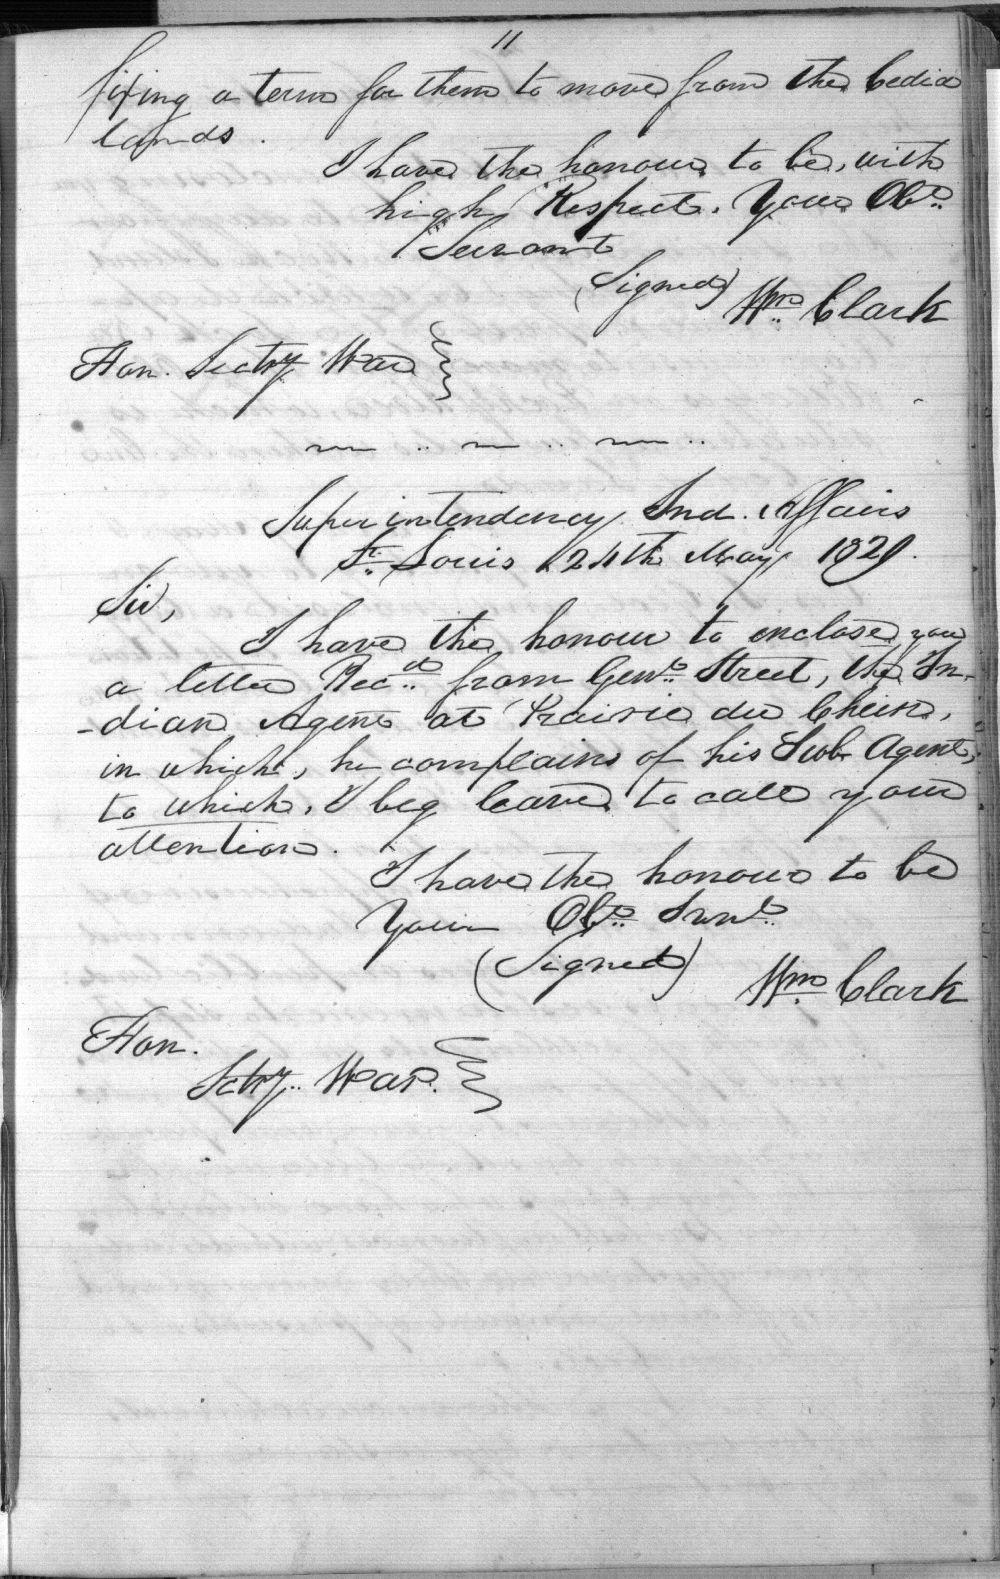 William Clark to John H. Eaton - 3